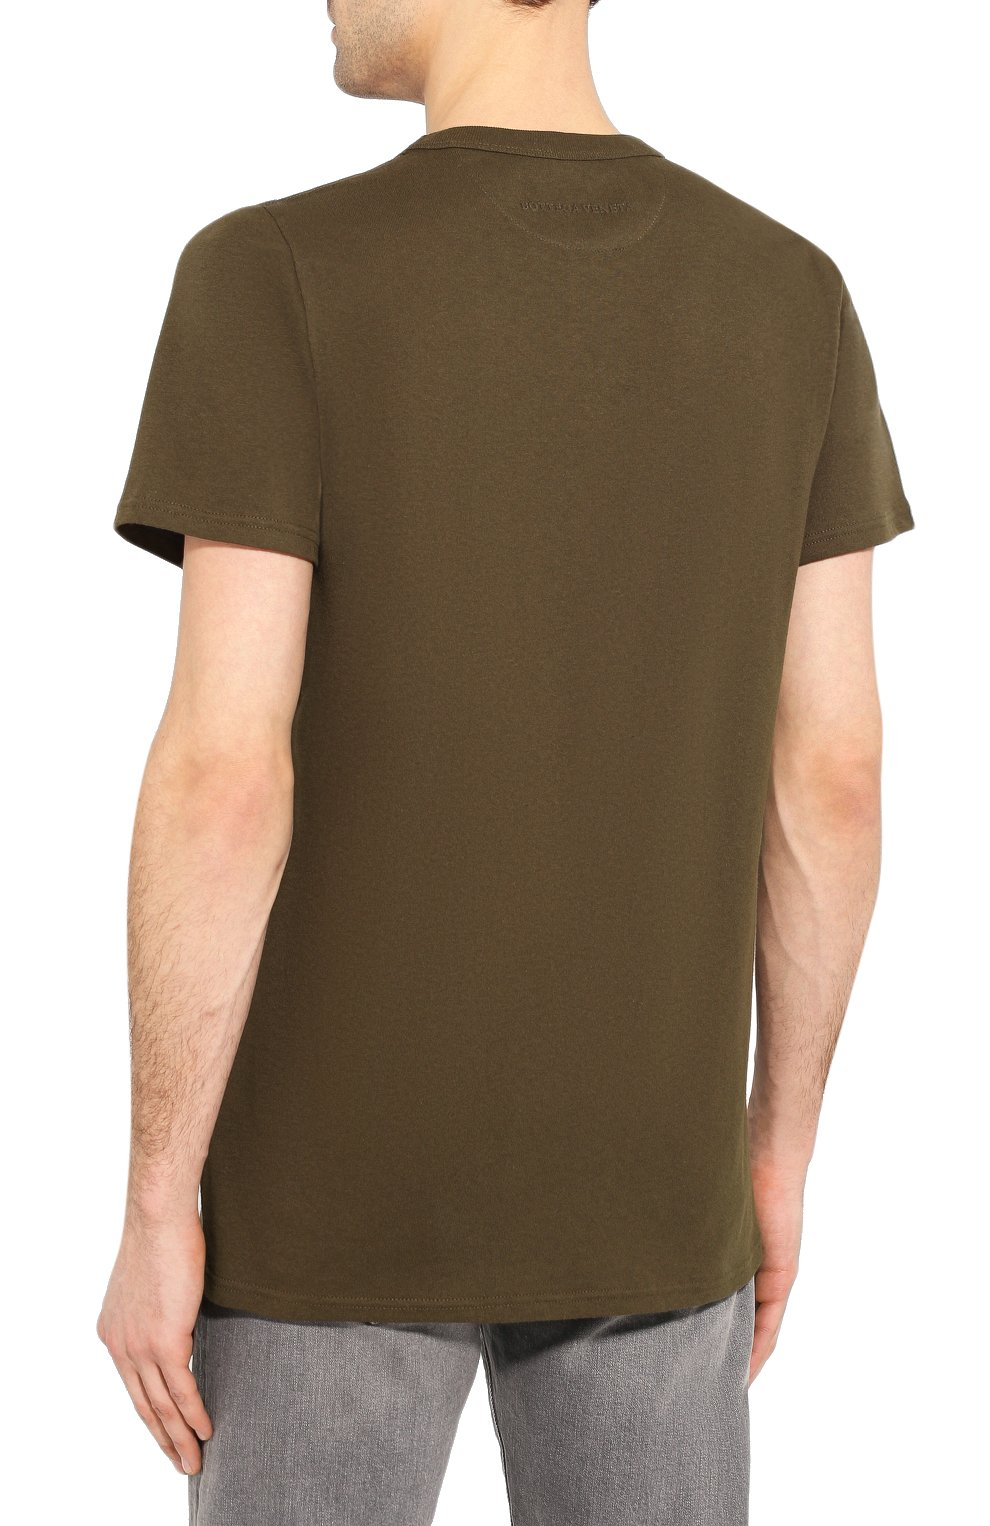 Мужская хлопковая футболка BOTTEGA VENETA хаки цвета, арт. 600852/VF2A0   Фото 4 (Принт: Без принта; Рукава: Короткие; Длина (для топов): Стандартные; Мужское Кросс-КТ: Футболка-одежда; Материал внешний: Хлопок; Стили: Кэжуэл)